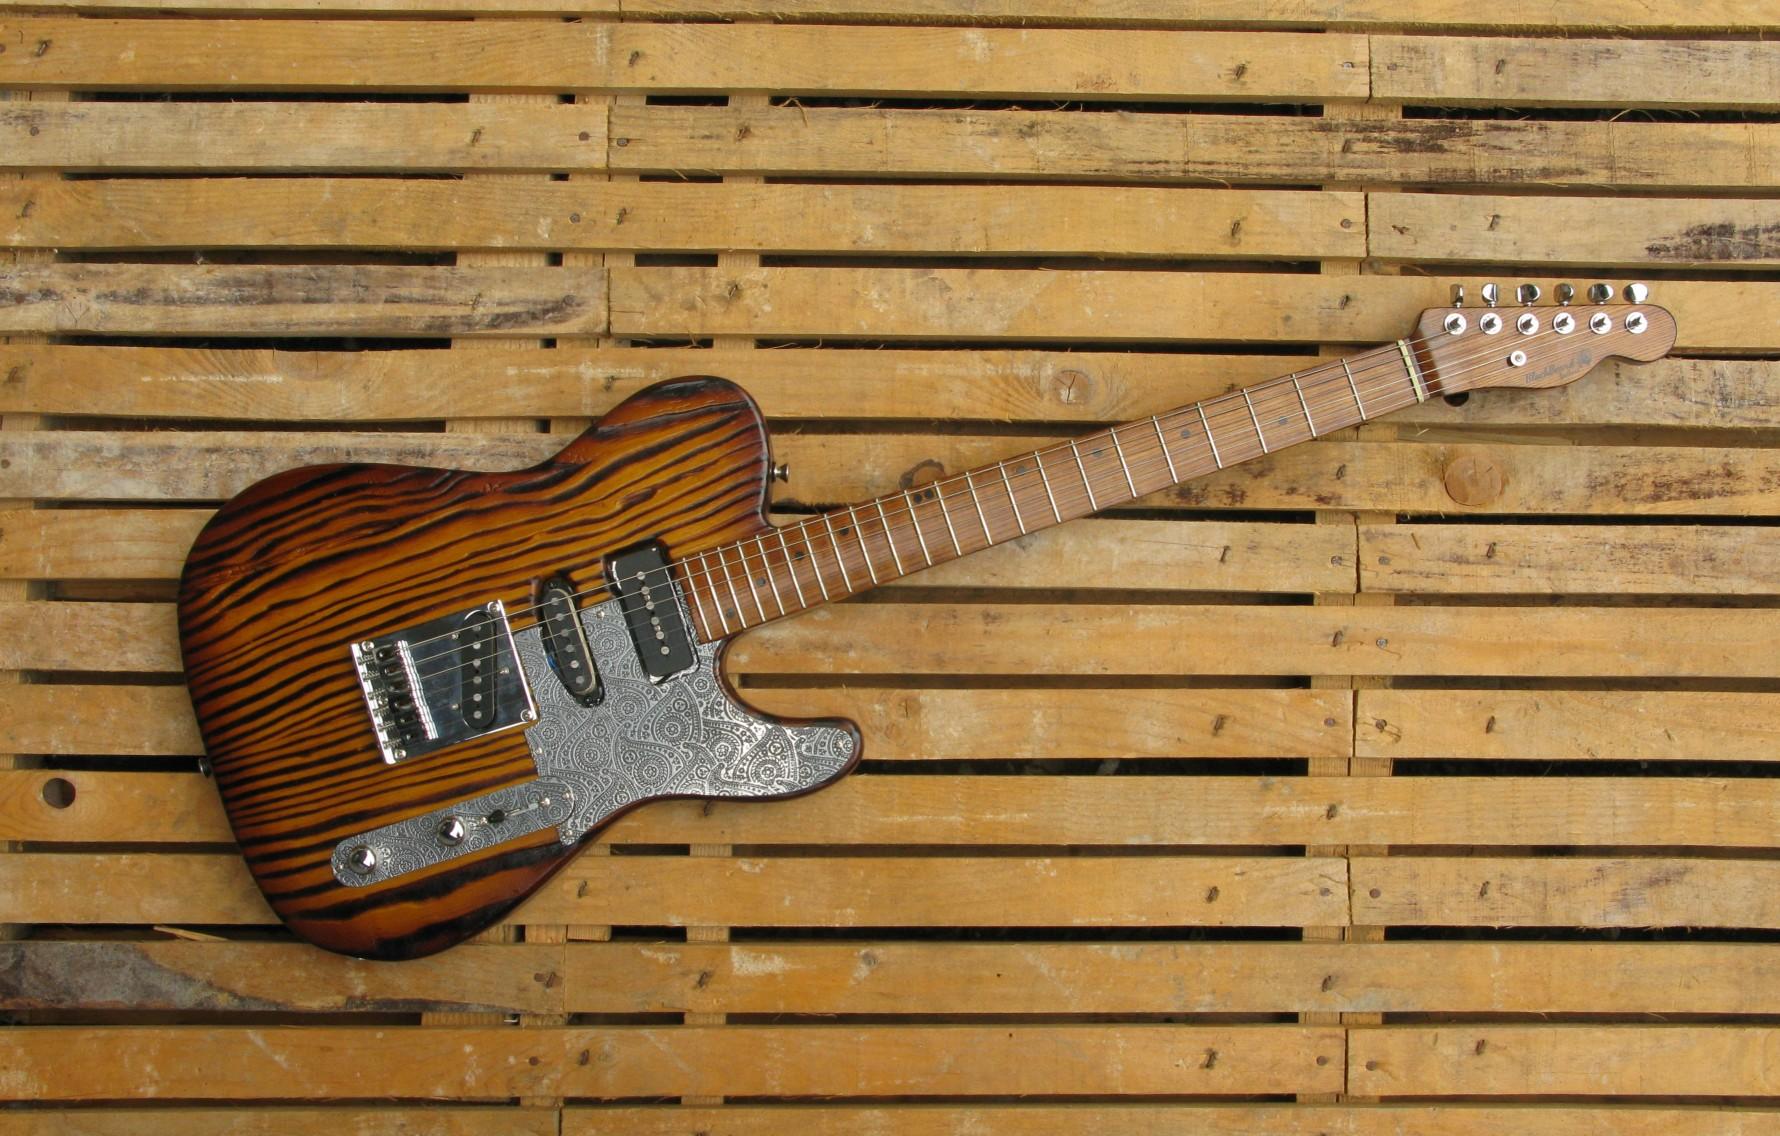 Chitarra elettrica Telecaster. Corpo in yellow pine, finitura roasted. Manico in frassino olivato